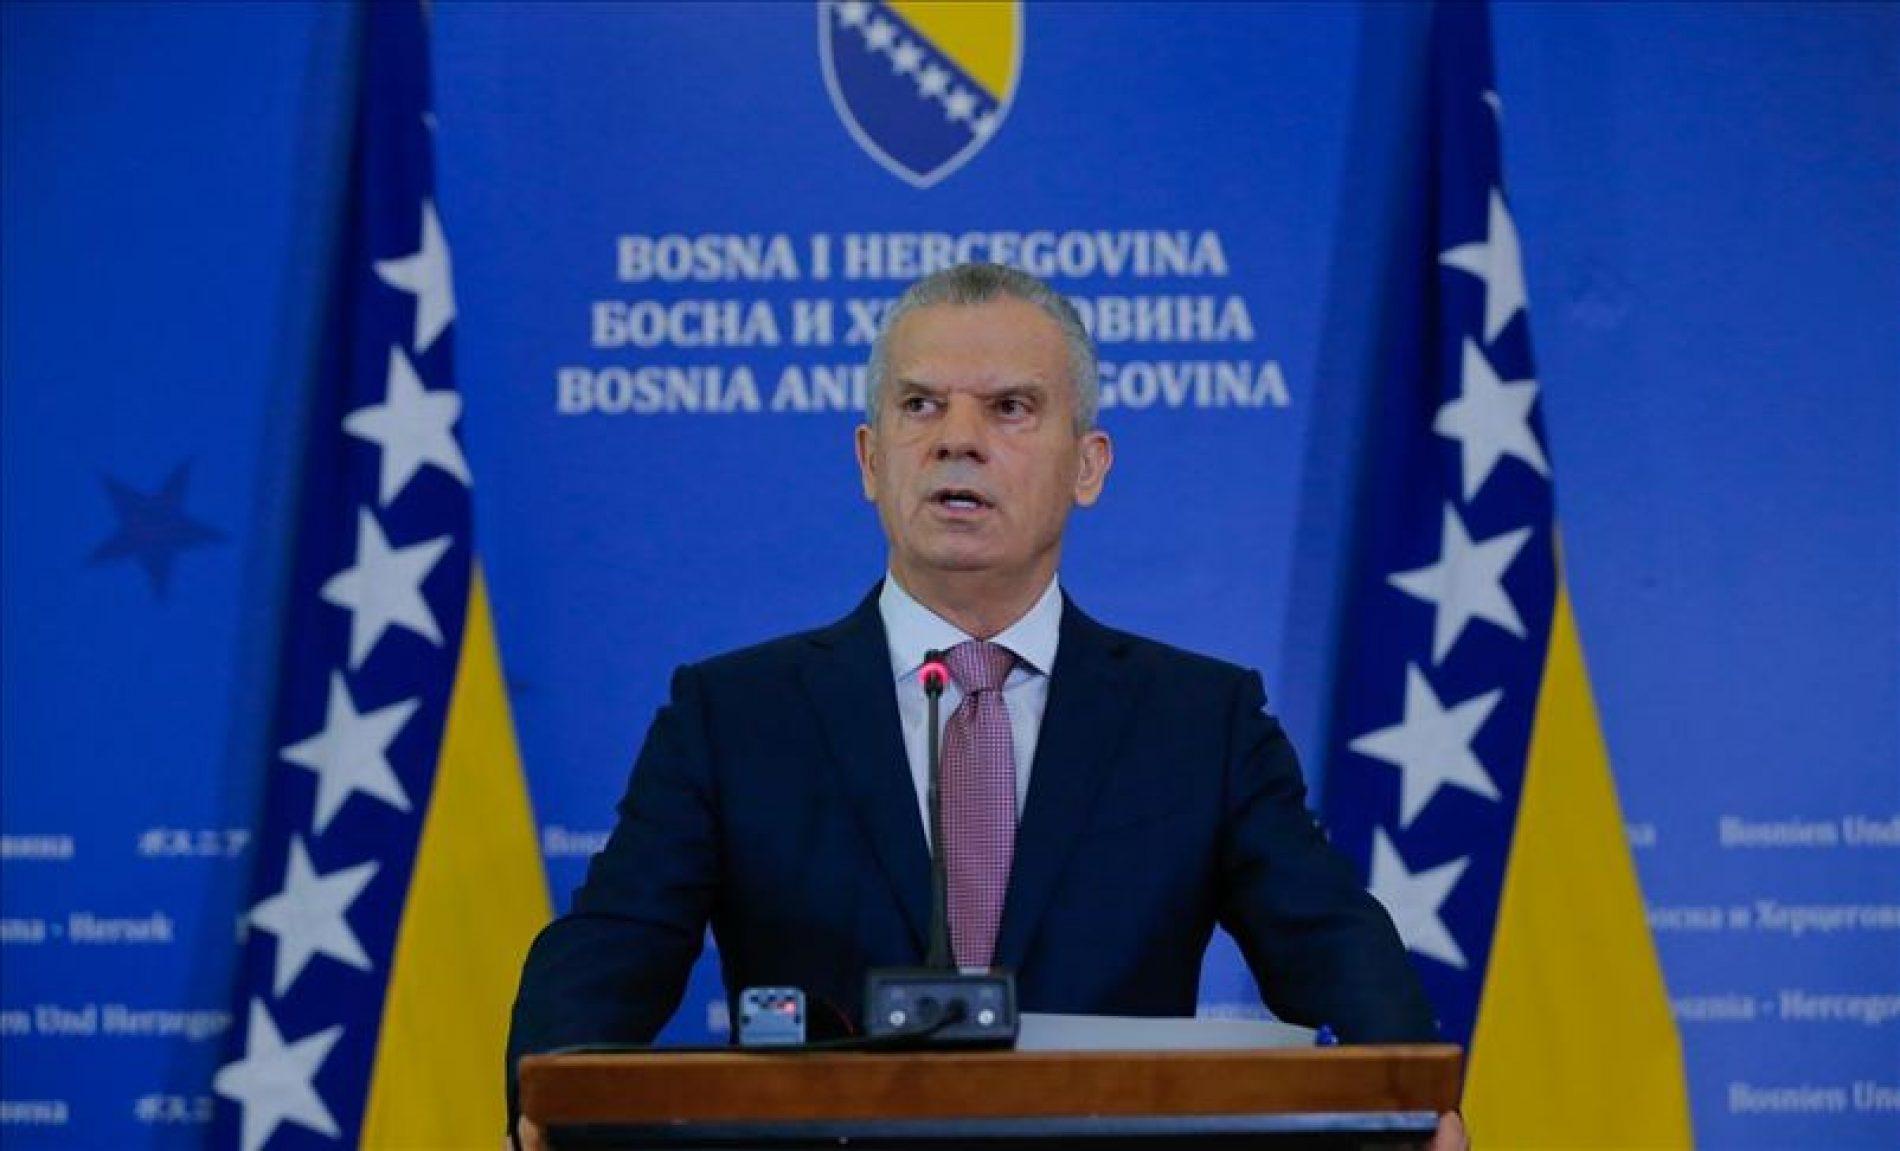 Nije se dugo zadržao na poziciji: Radončić podnosi ostavku na mjesto ministra sigurnosti